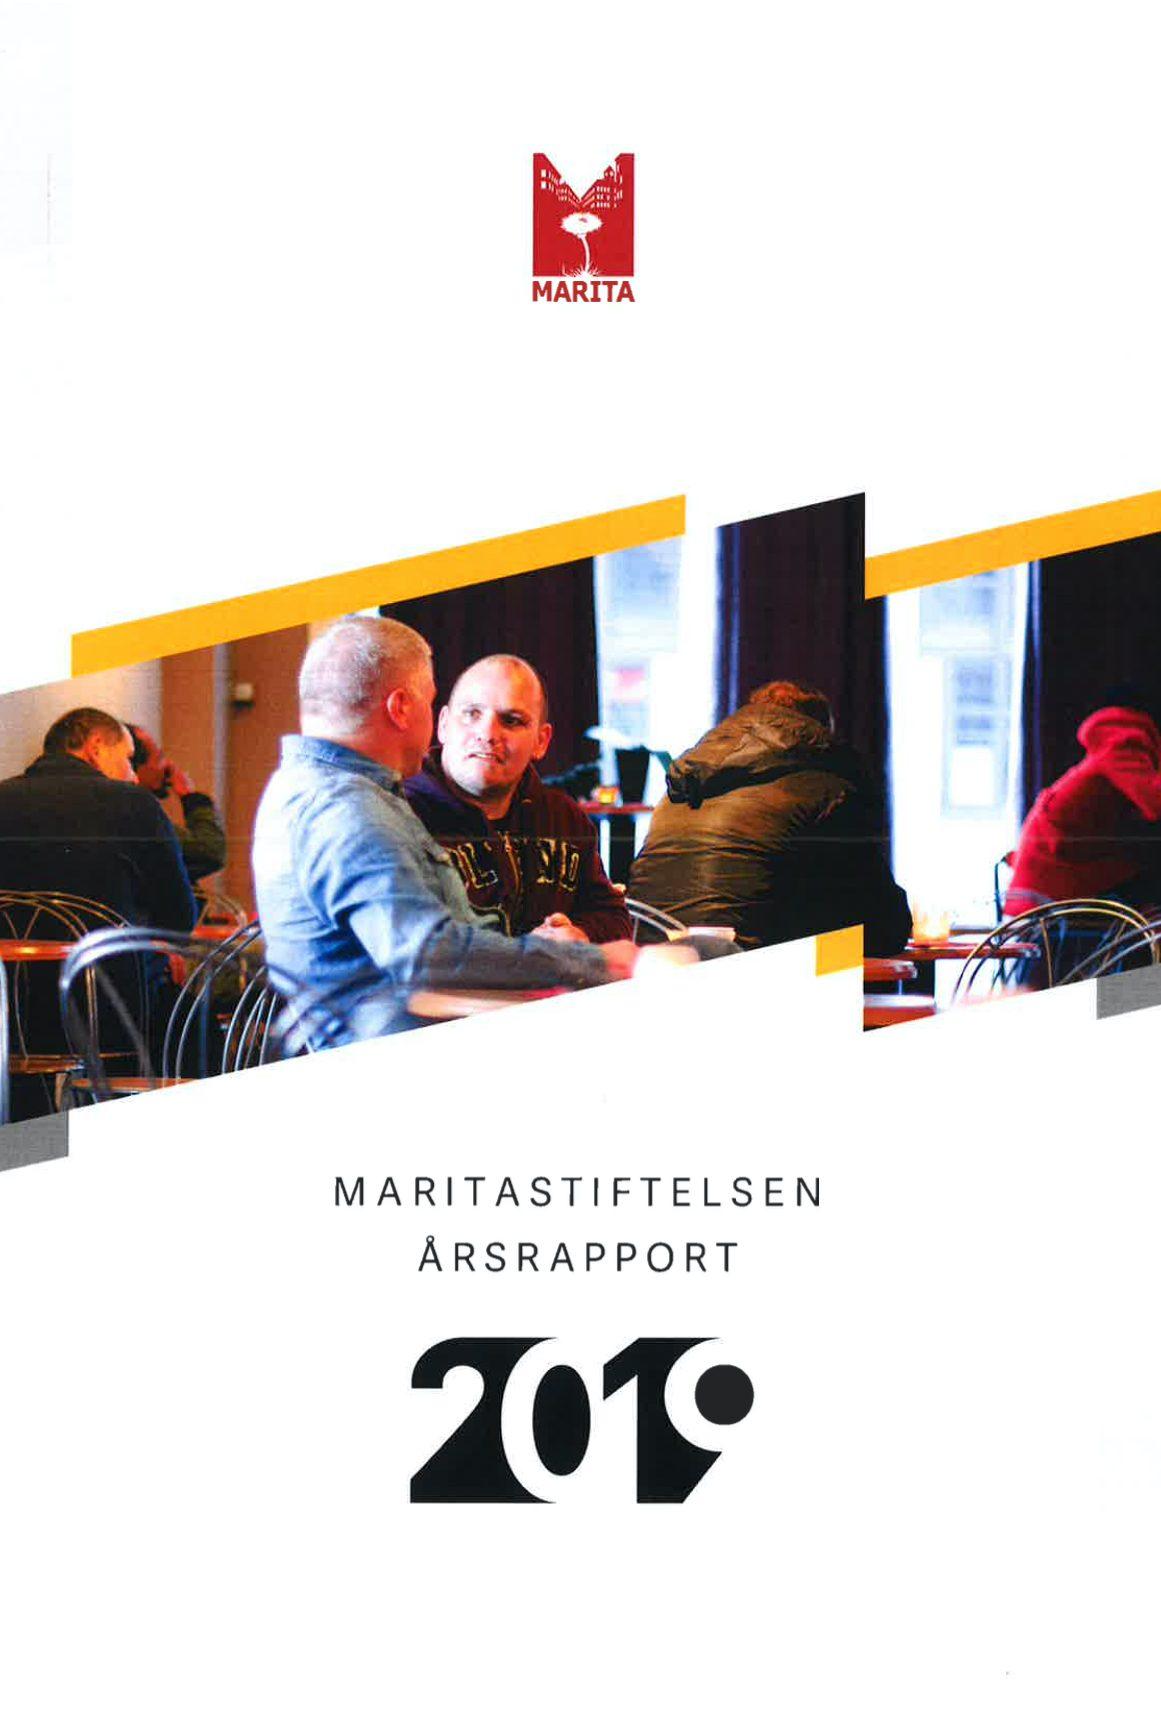 2019 Marita årsrapport